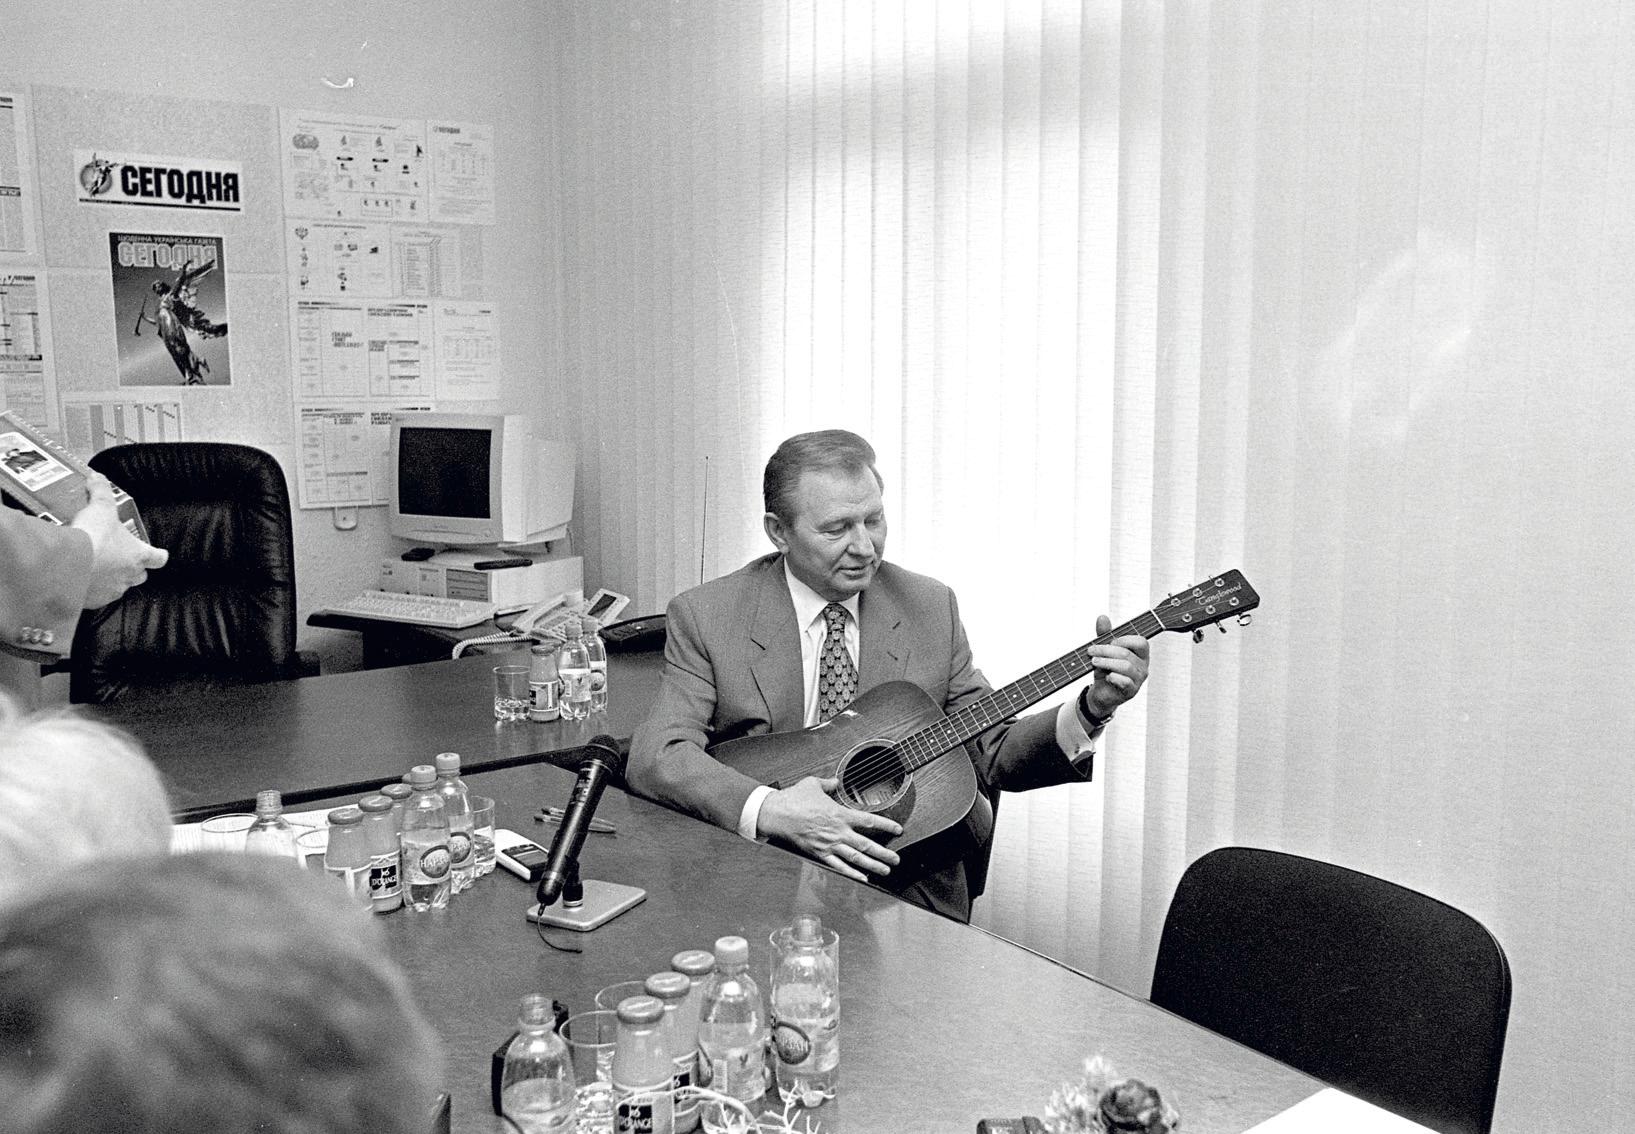 Червень 1998-го. Леонід Кучма в редакції з подарованою гітарою